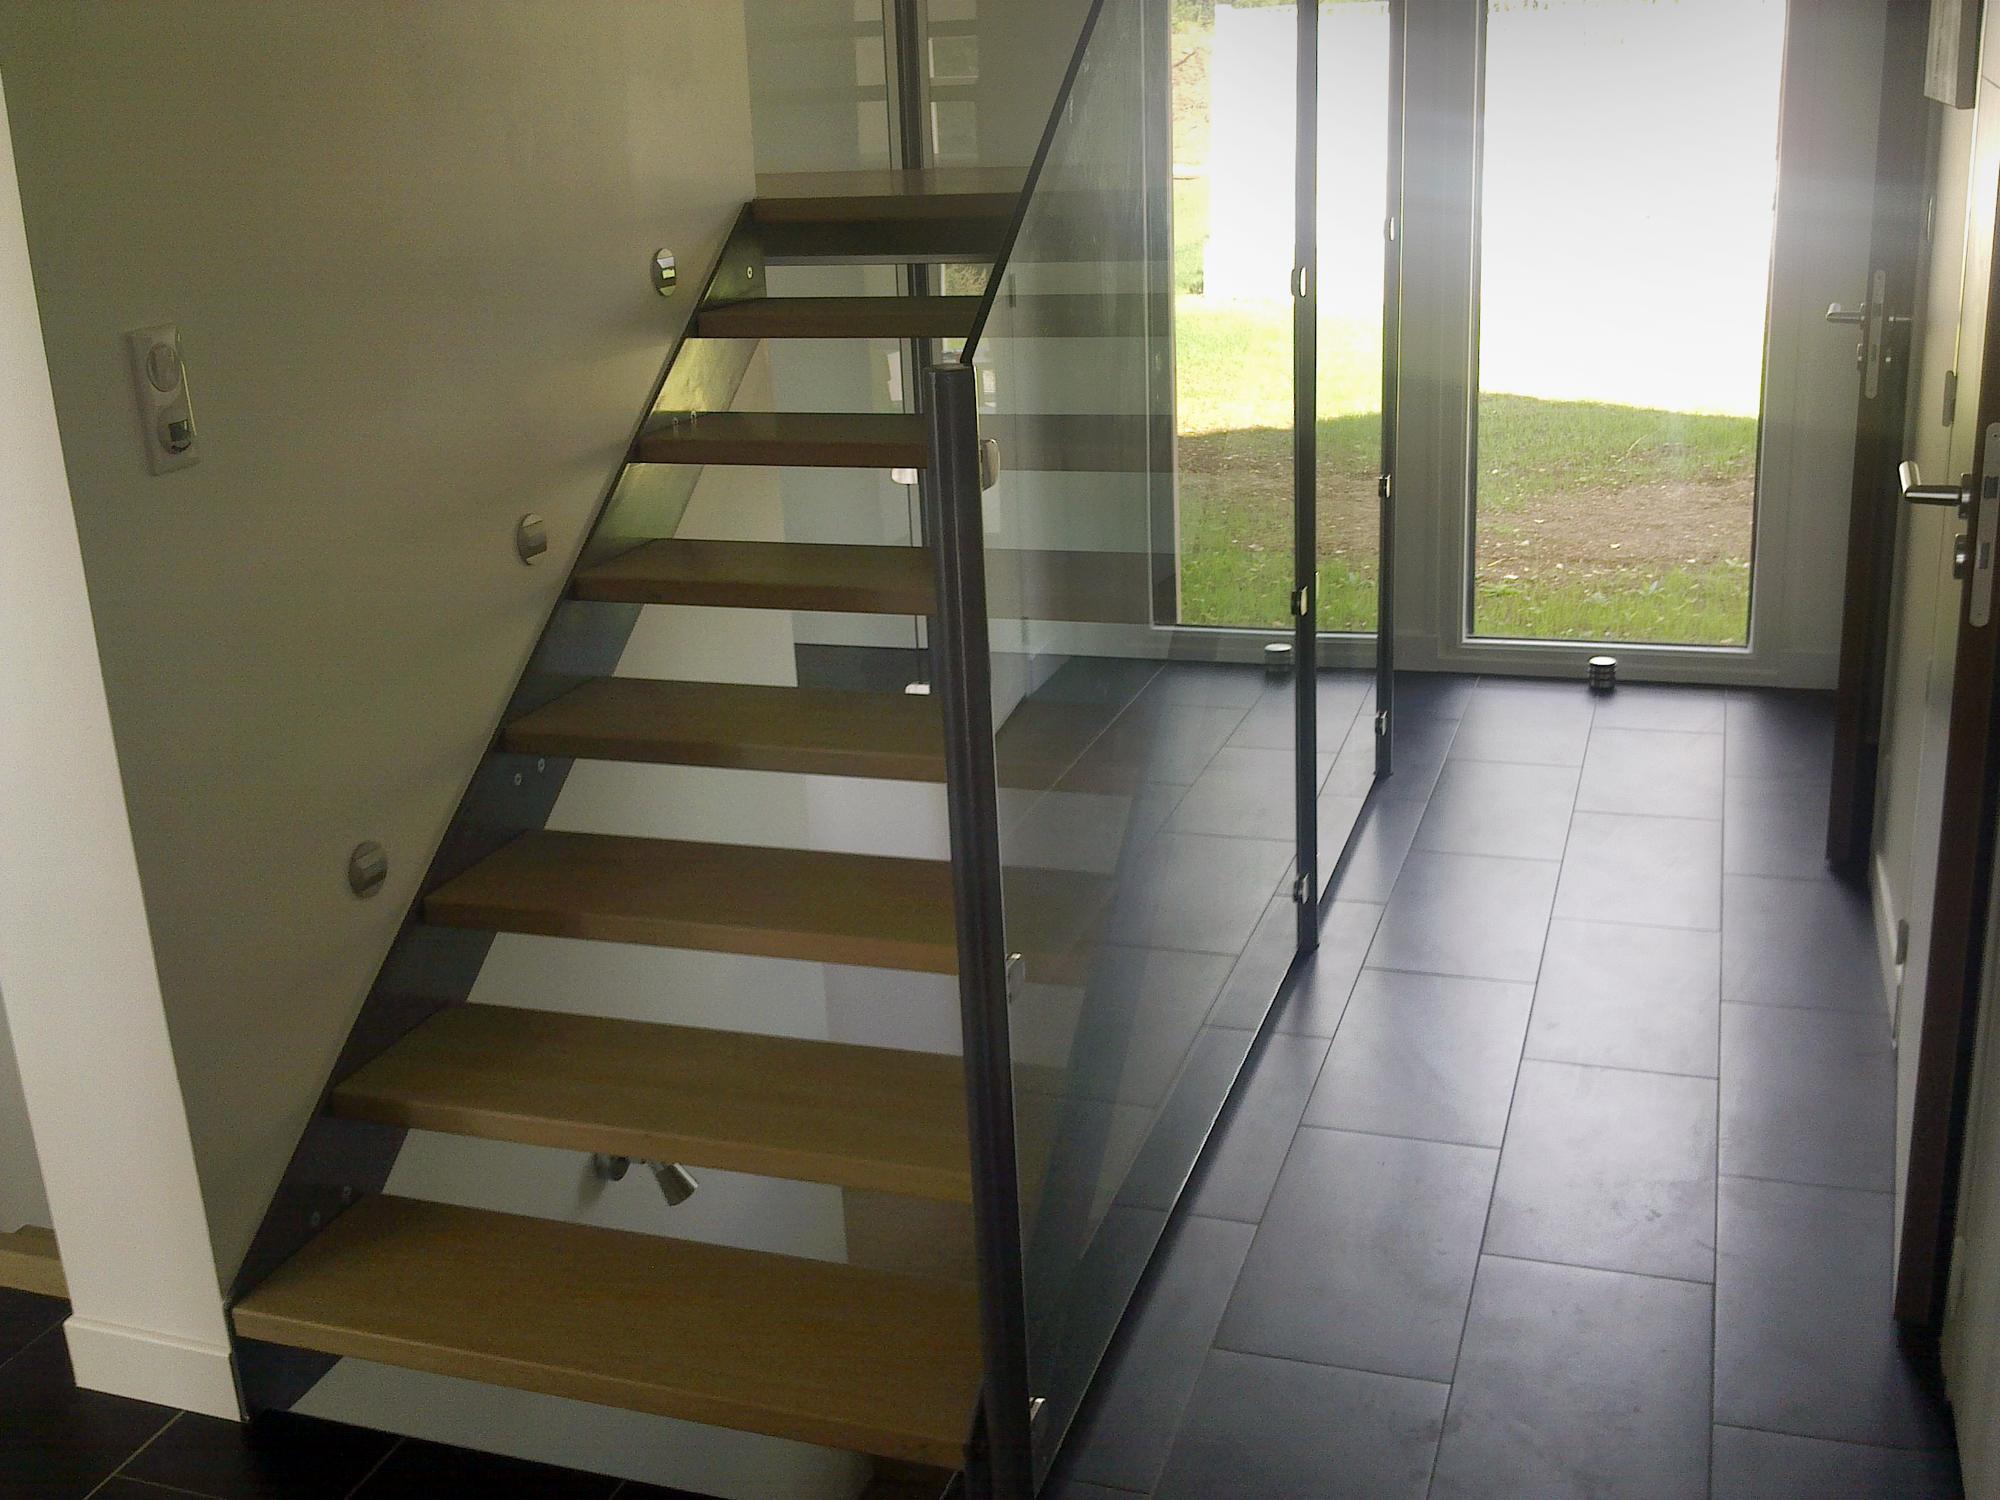 Escaliers - Mixte bois/métal